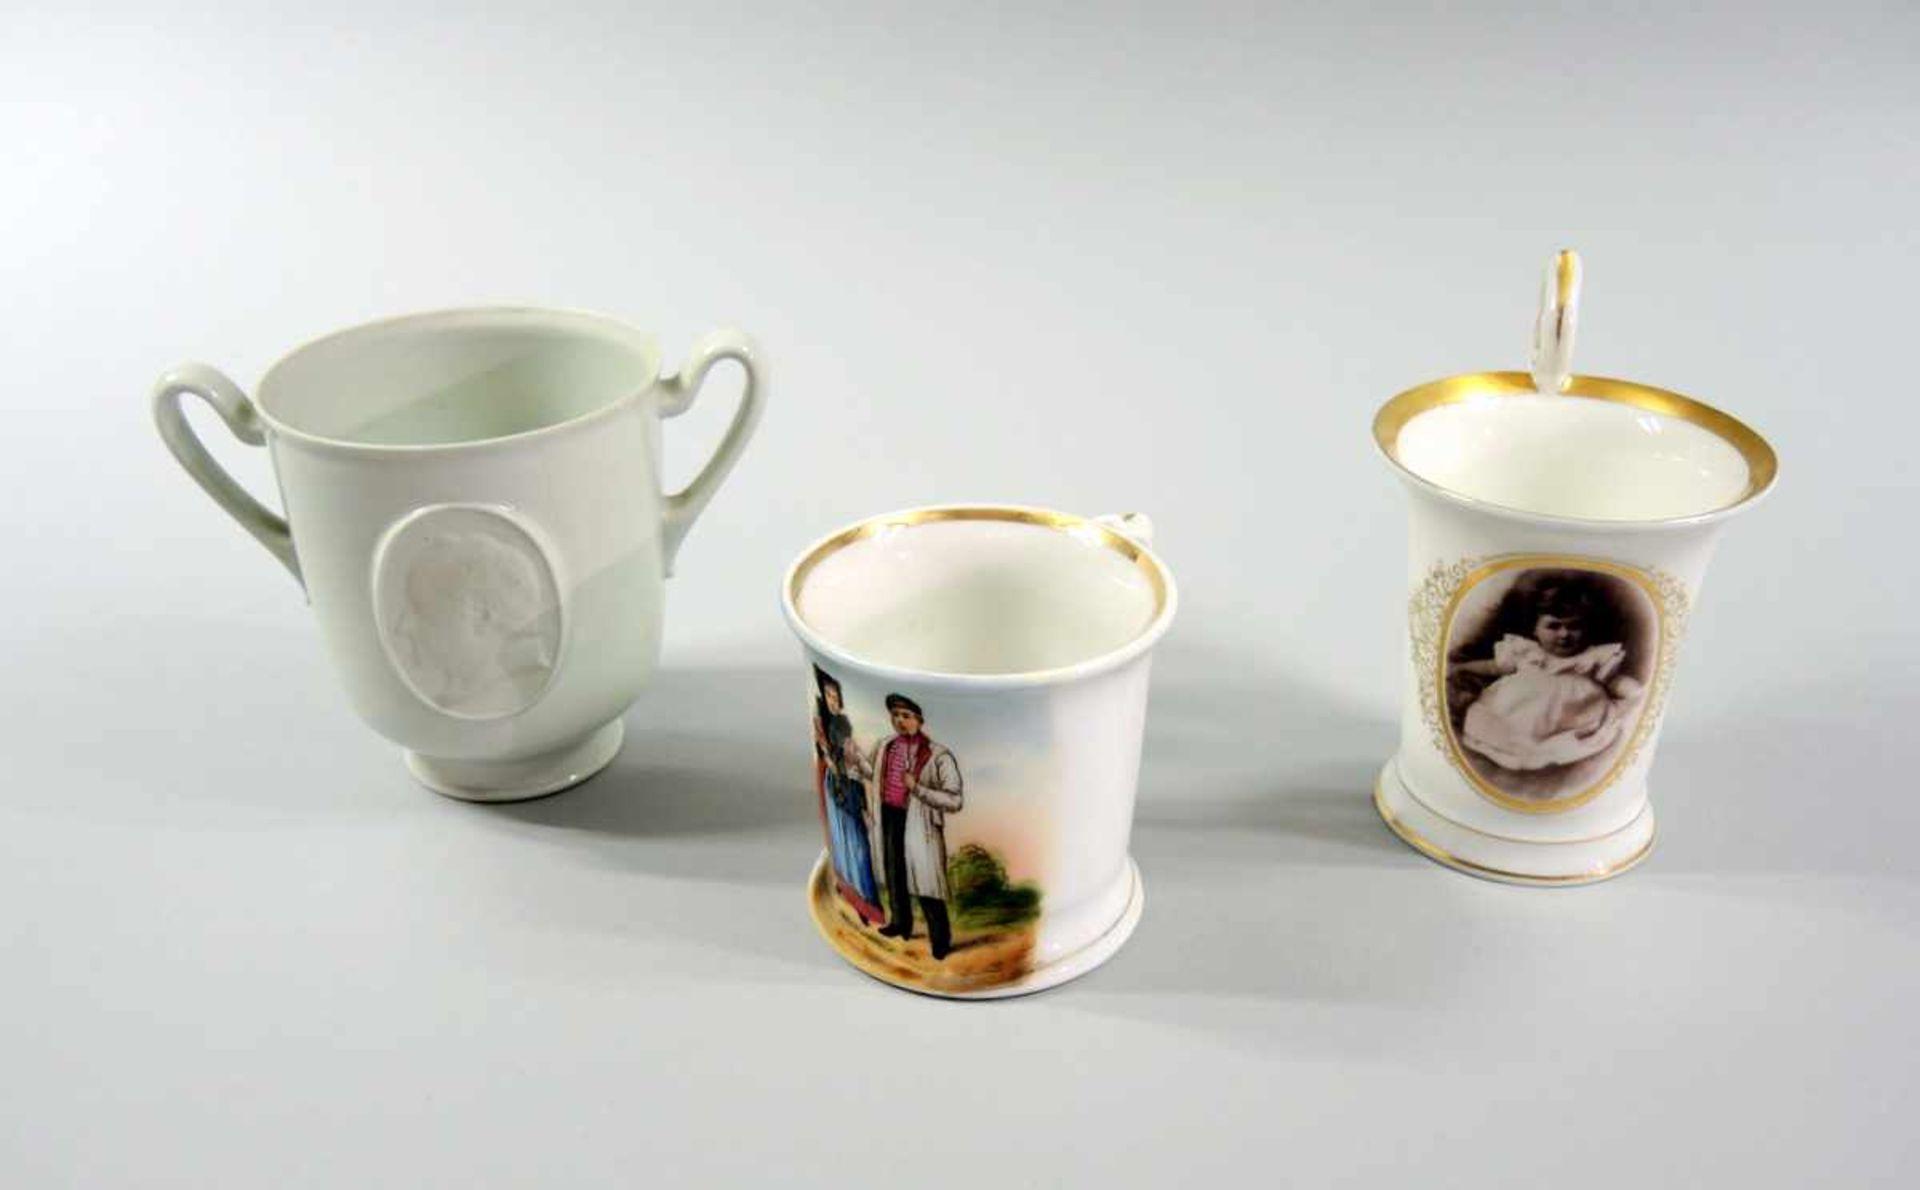 Los 44 - 3 kleine Tassen Porzellan, 3-teilige Sammlung. Die große Tasse hat am Boden eine unterglasurblaue